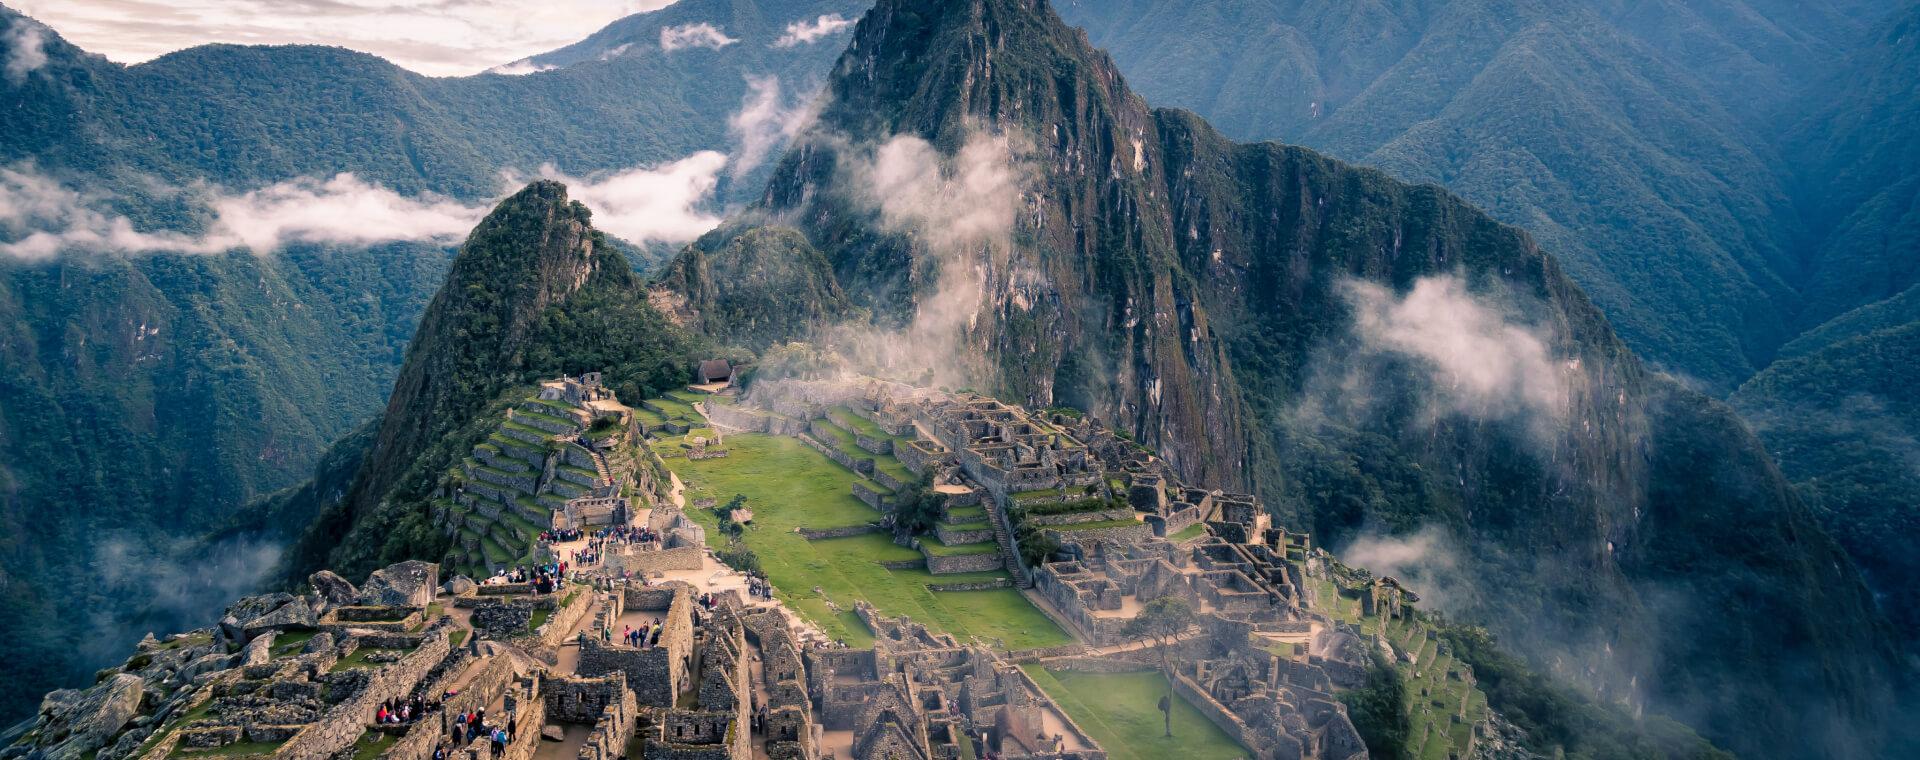 Peru risks illustration